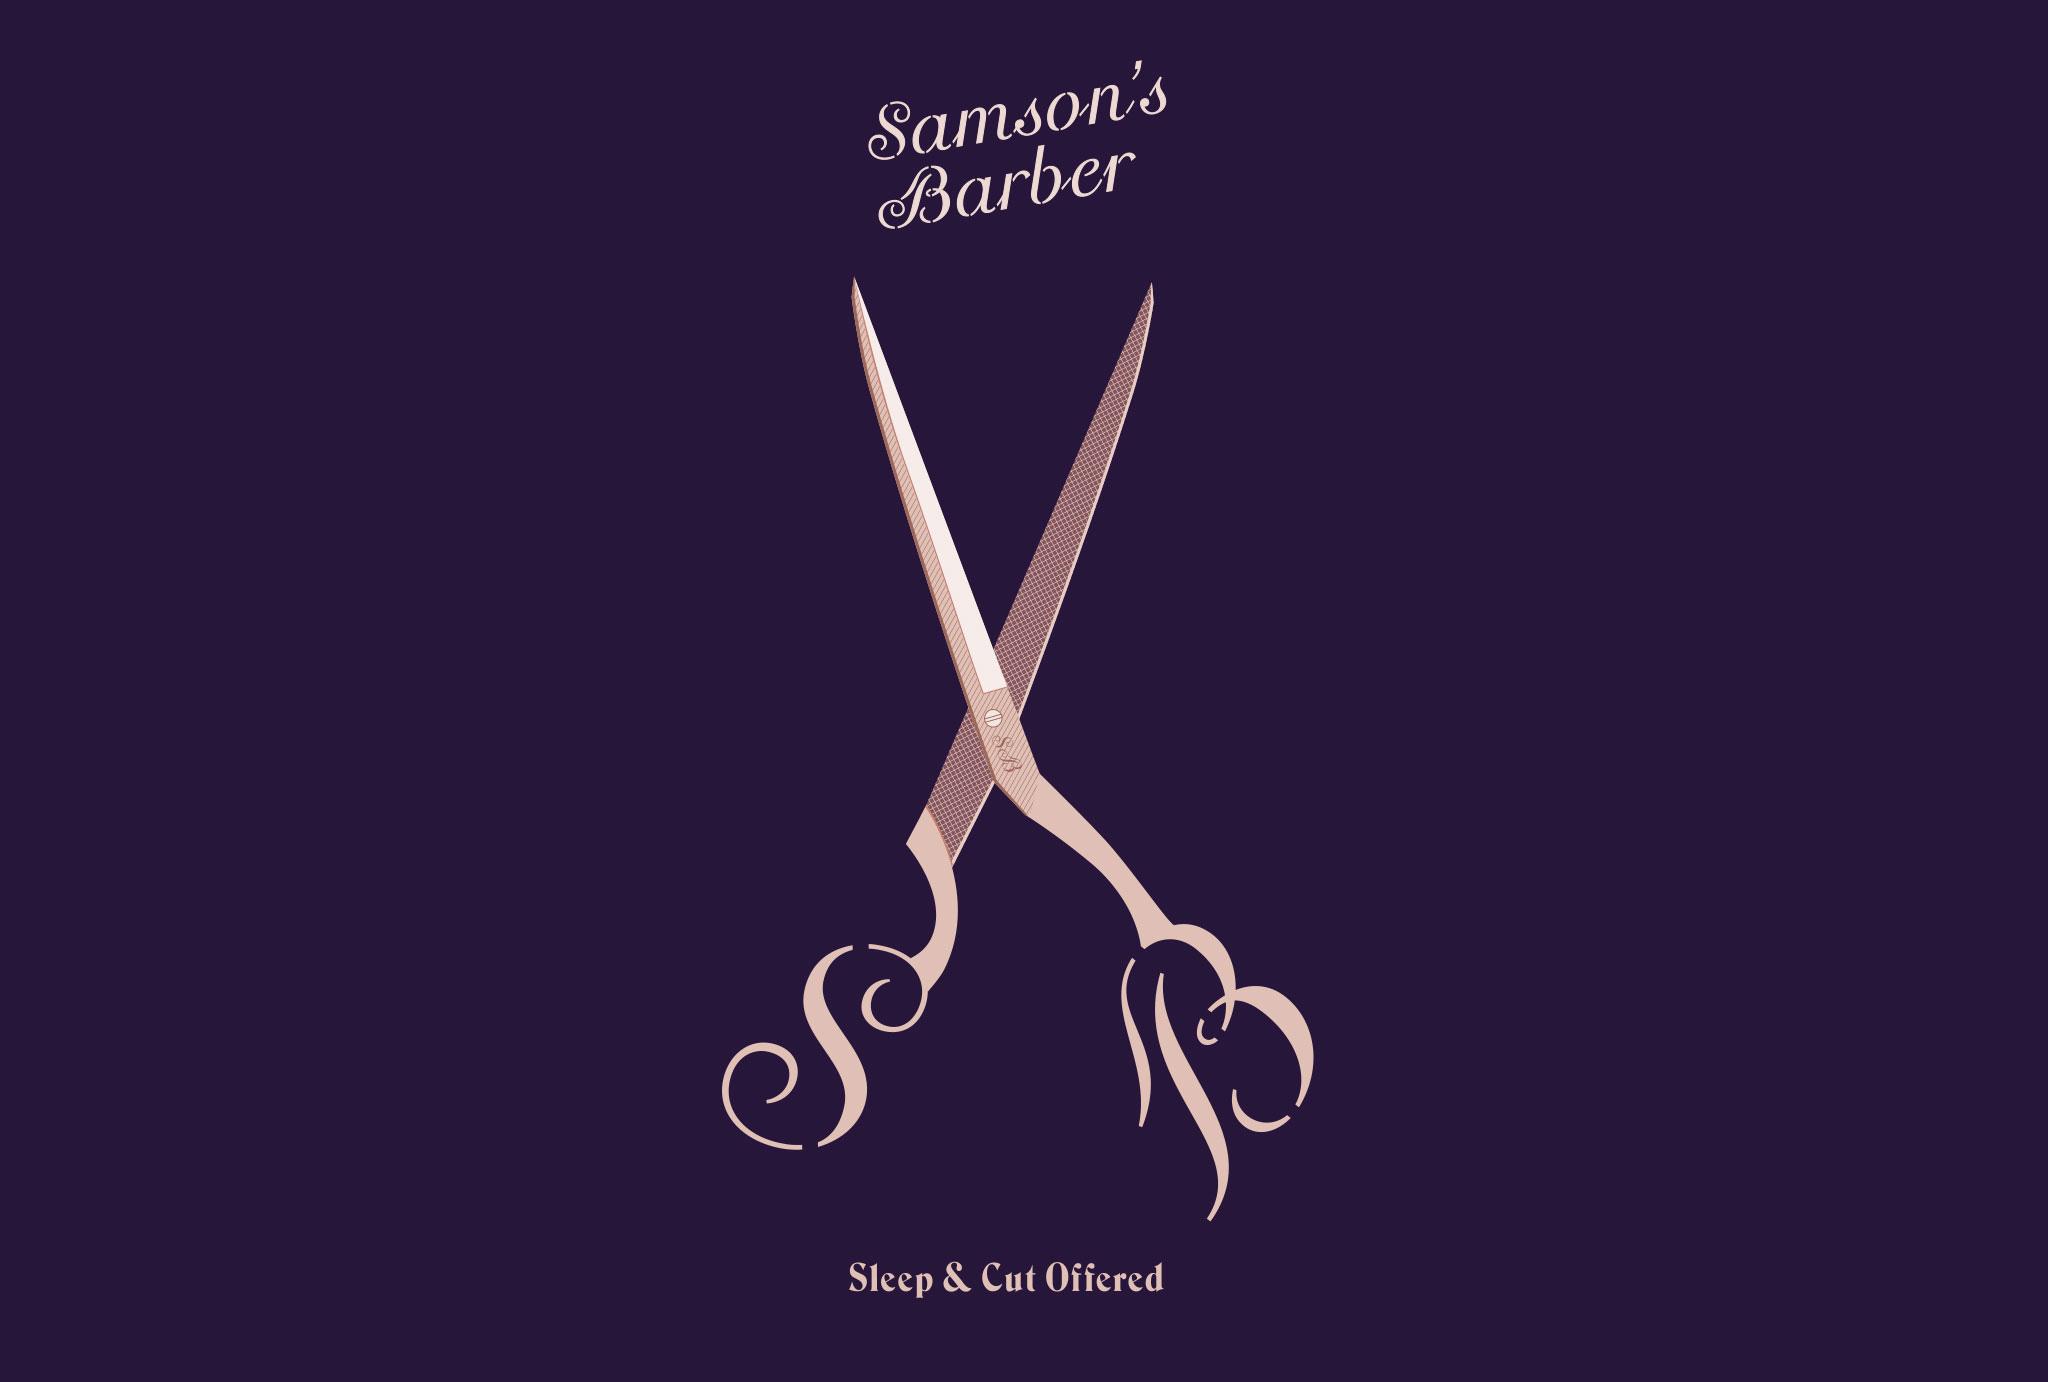 old-rose illustration of 'Samson's Barber' emblazoned pair of scissors on dark violet background